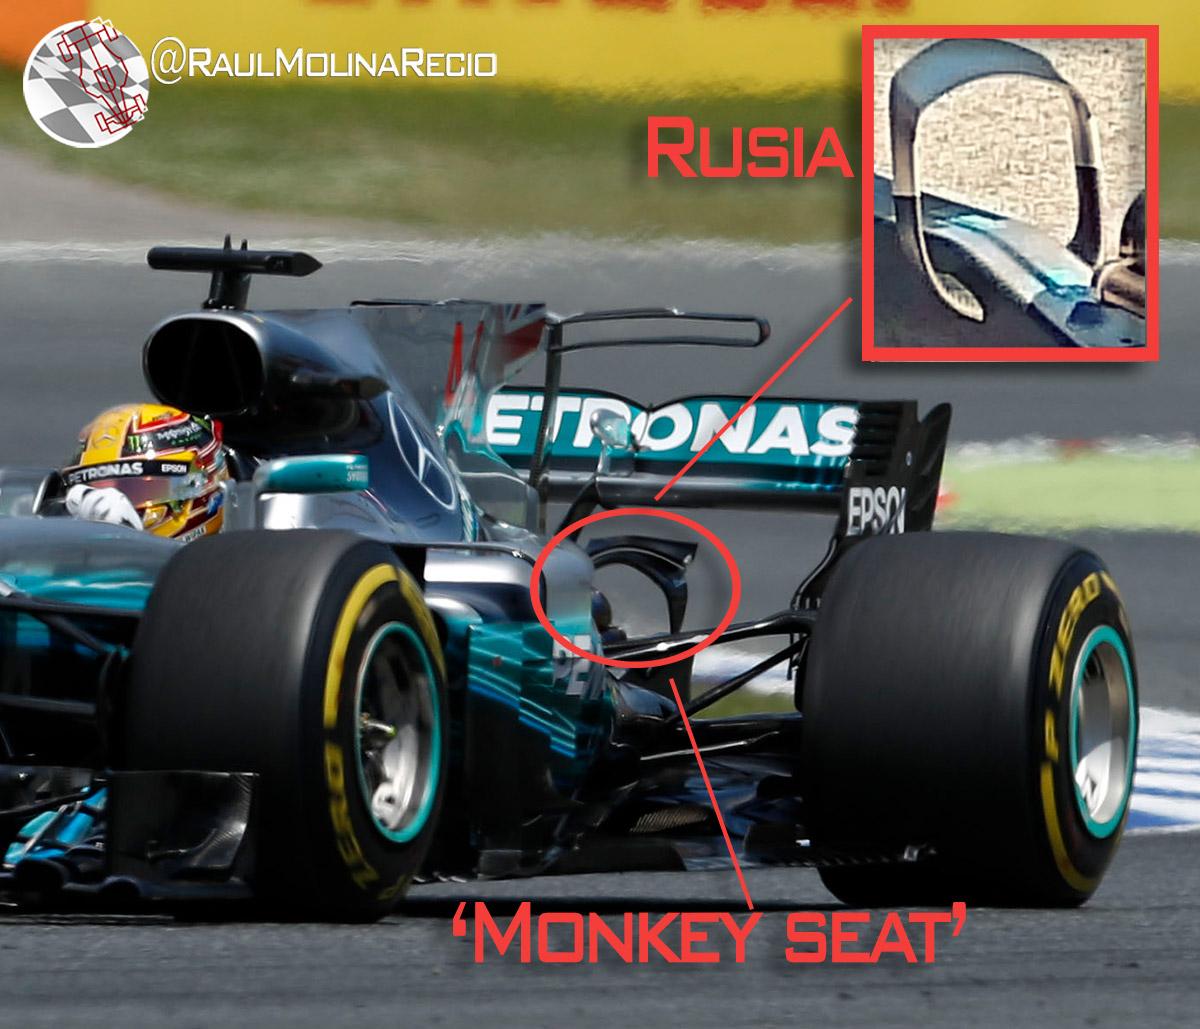 6-mercedes-monkey-seat.jpg